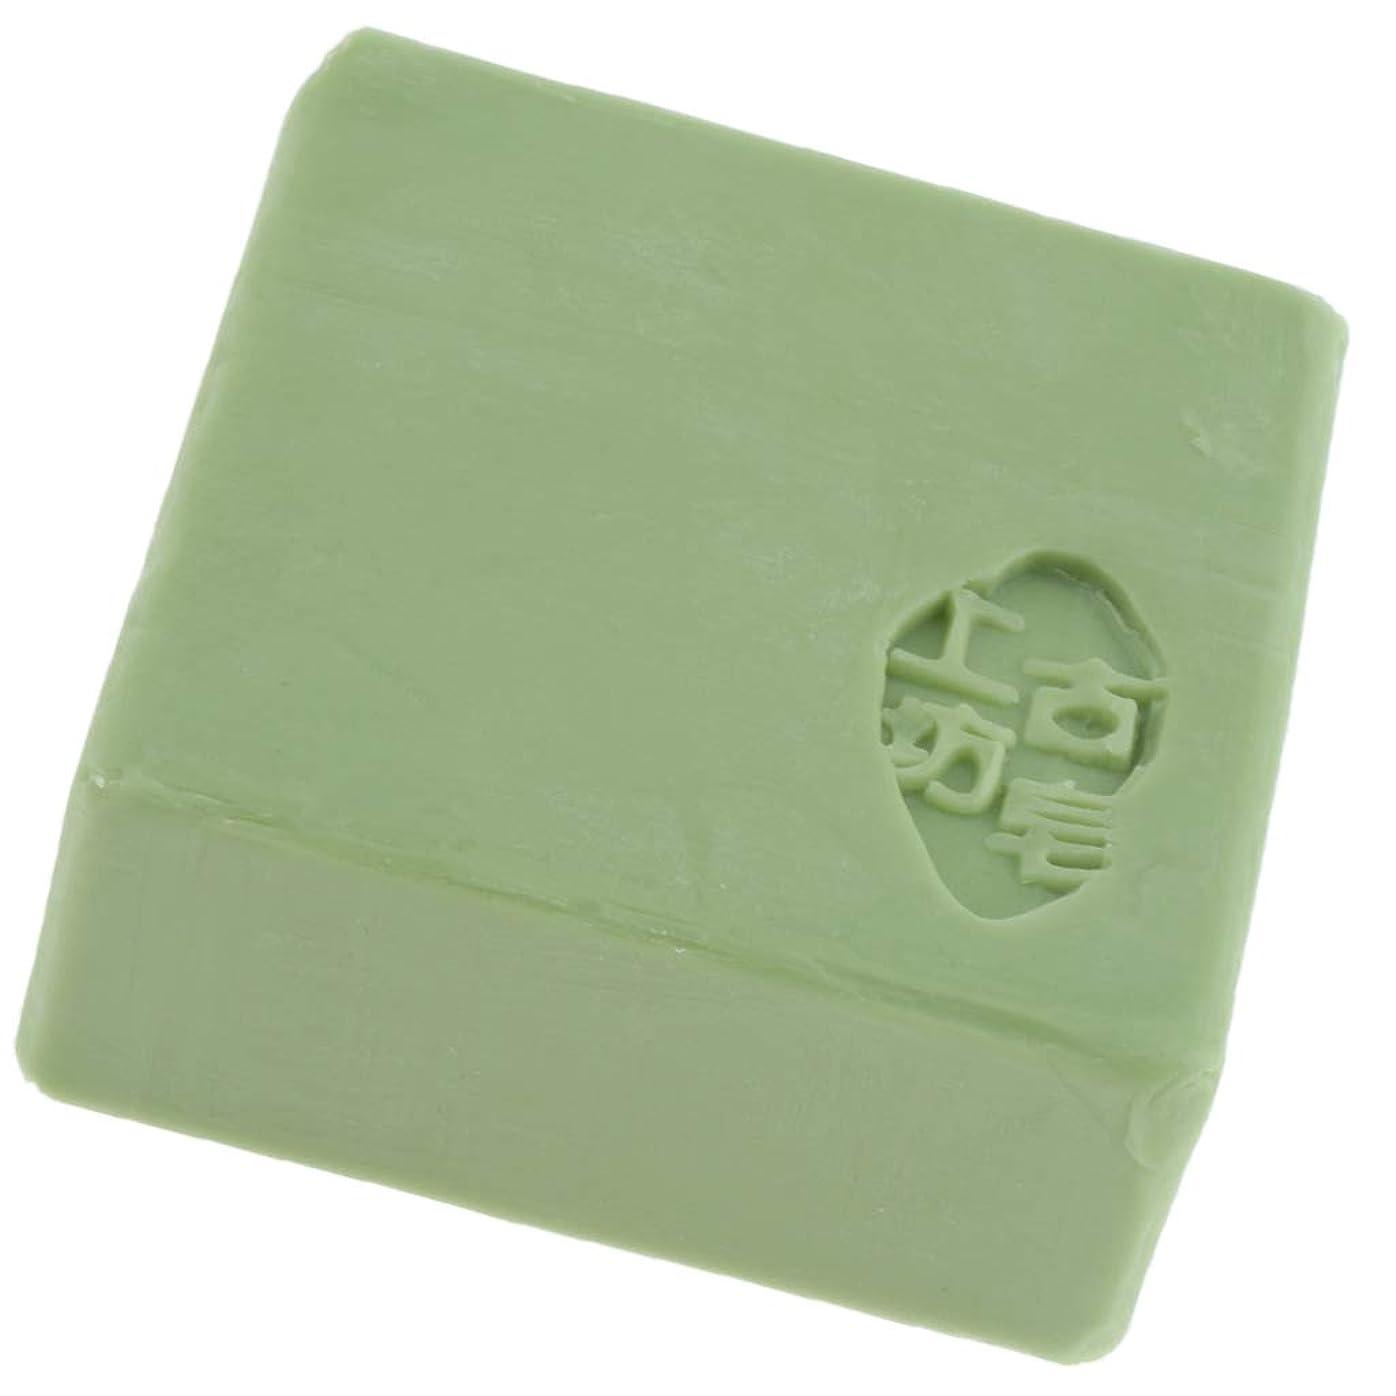 学校機関死んでいるBaoblaze バス スキンケア フェイス ボディソープ 石鹸 保湿 好意 全3色 - 緑